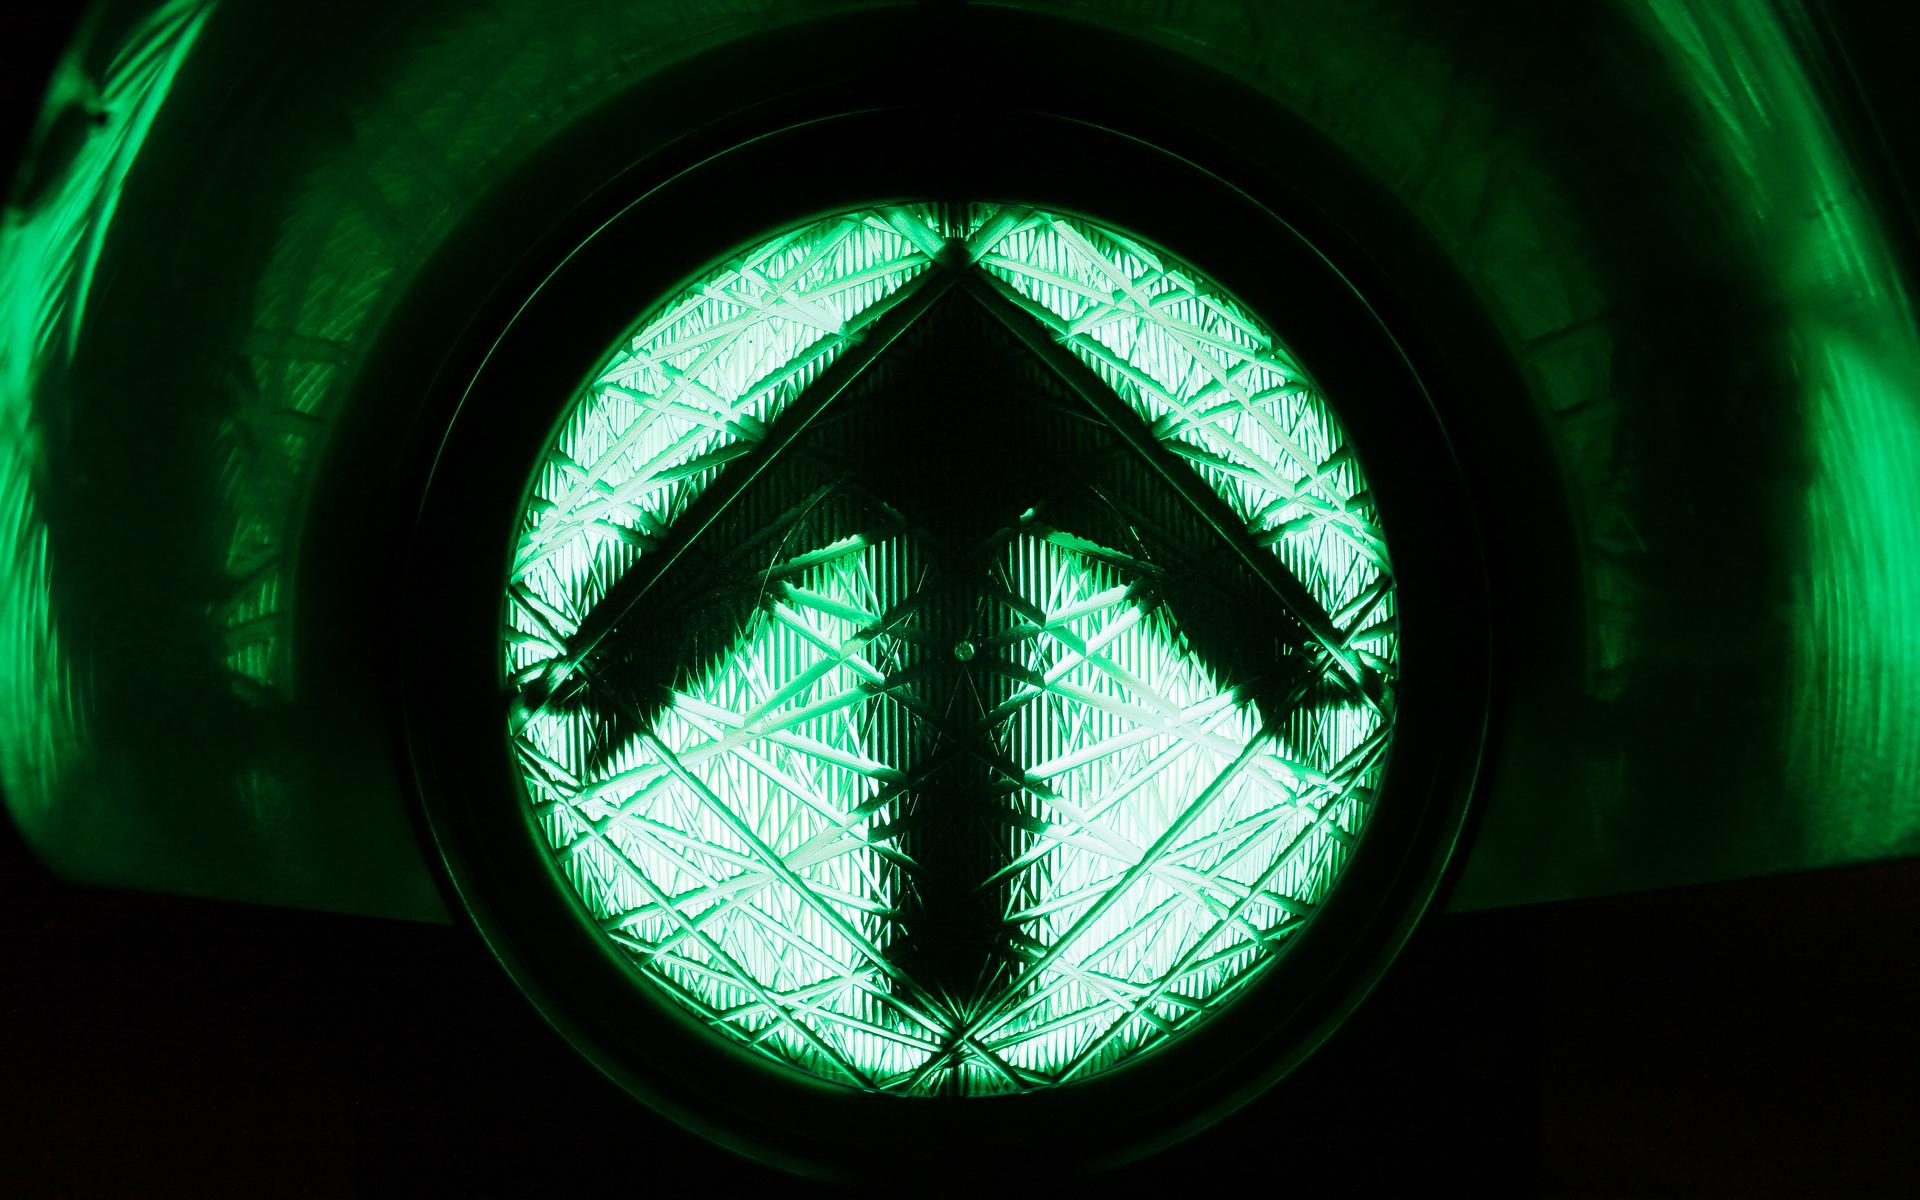 bitcoin buy signal green